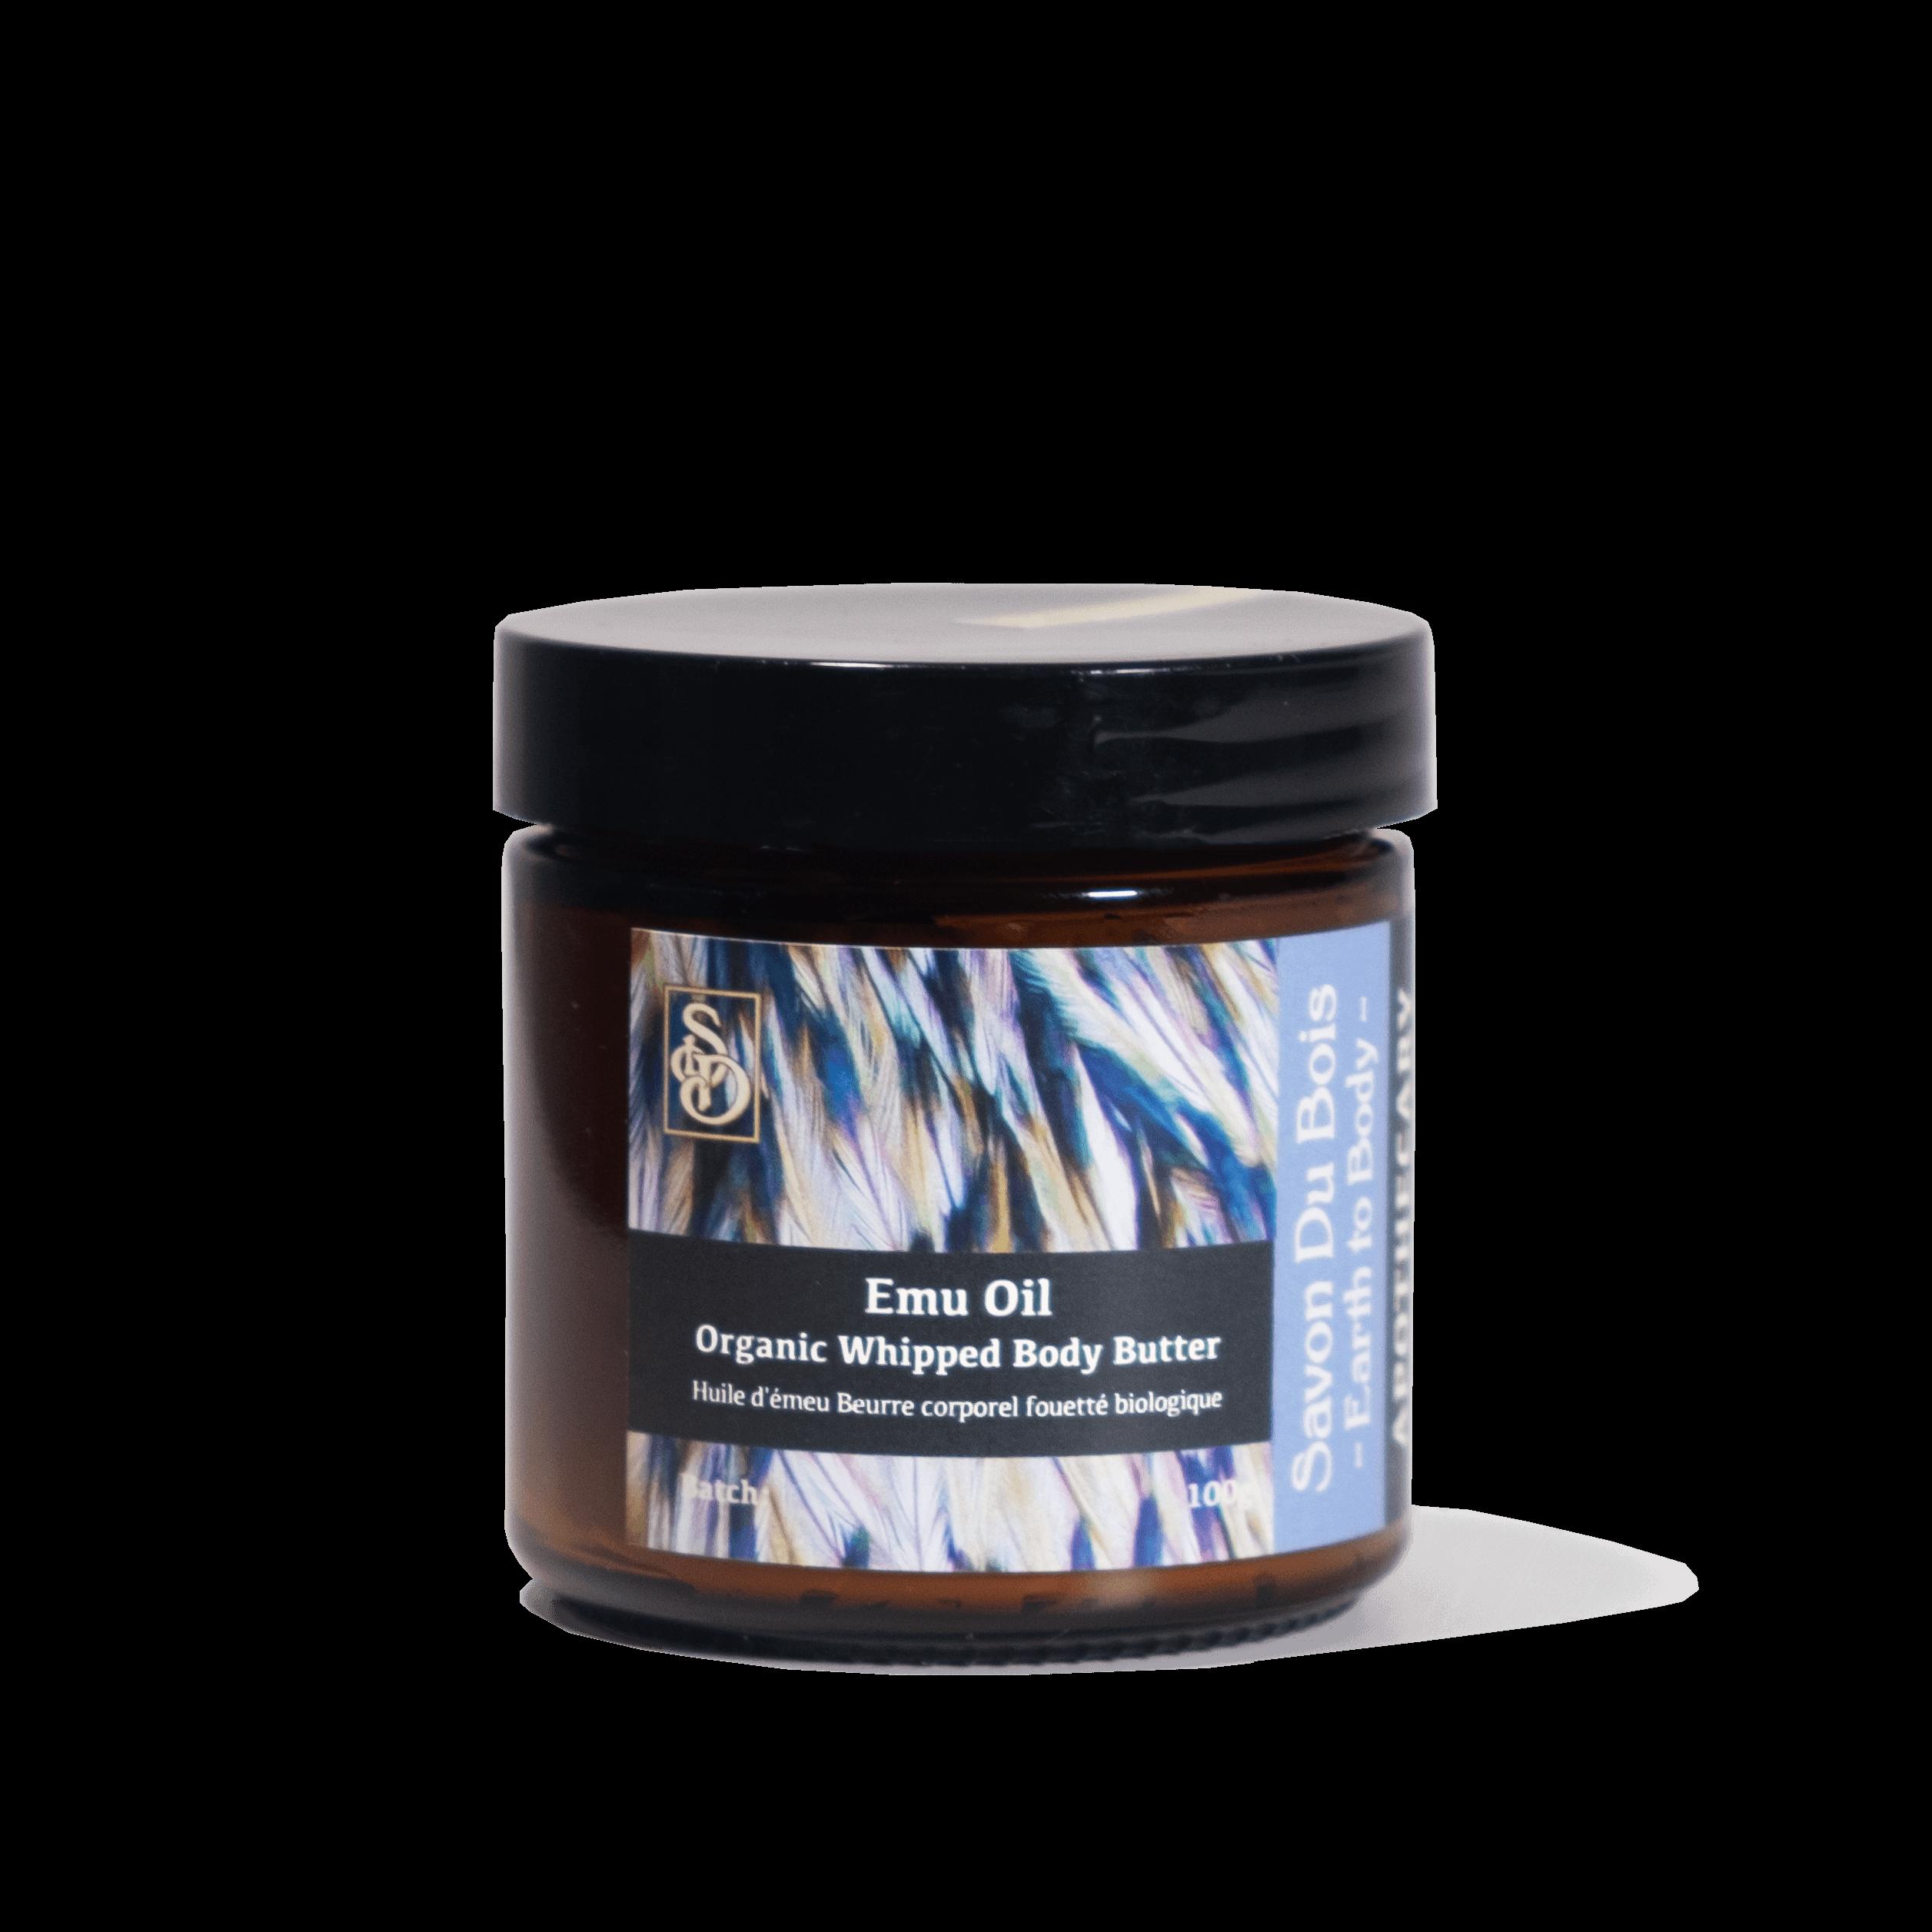 Whipped Body Butter | Emu Oil